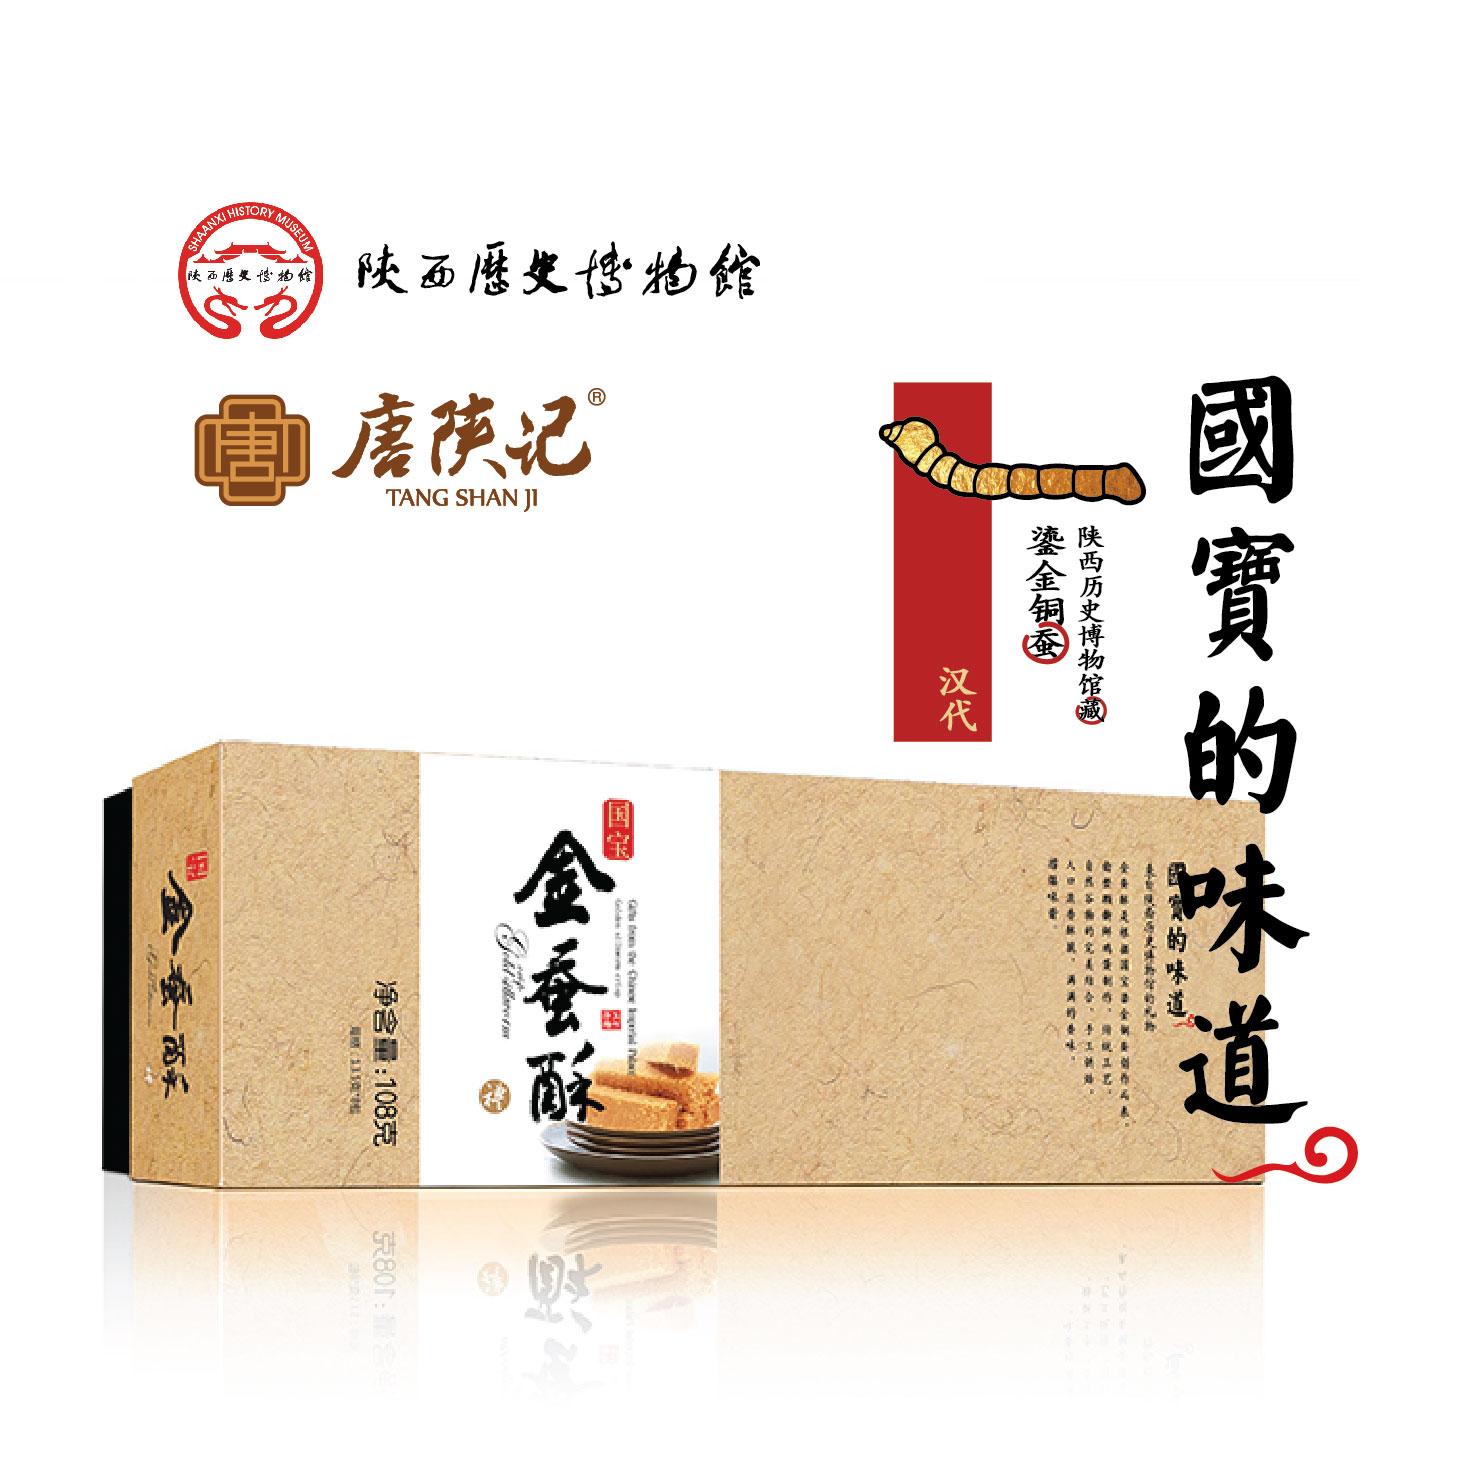 唐陕记 金蚕酥 陕西历史博物馆 陕西特产 古典食品 酥 手工点心